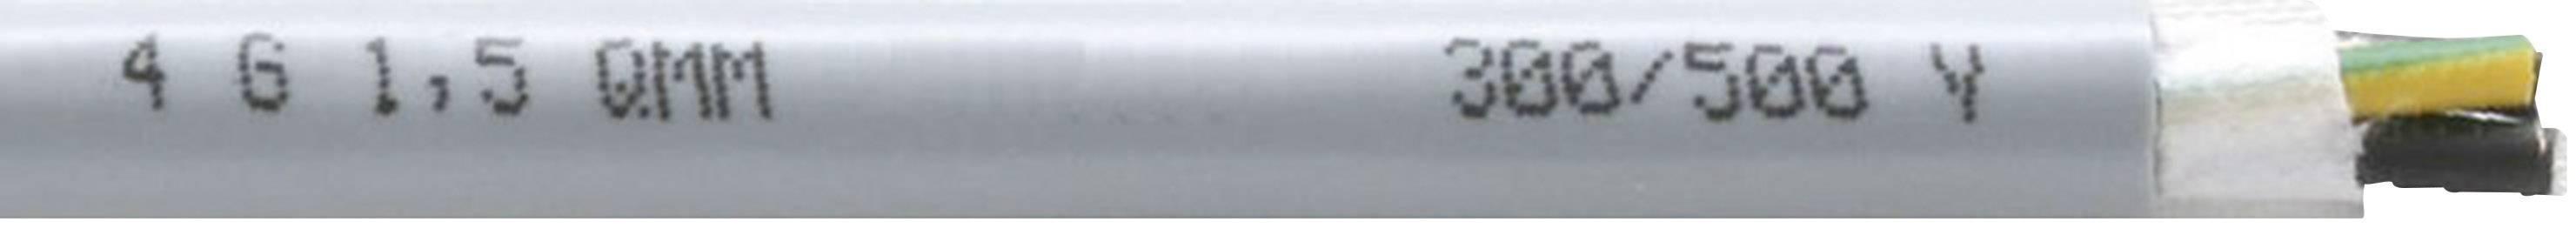 Tažný kabel Faber Kabel EFK 310 Y 310 UL/CSA-SCHLEPPLTG.PVC/PVC (035444), 5x 1 mm², PVC, Ø 8,7 mm, nestíněný,